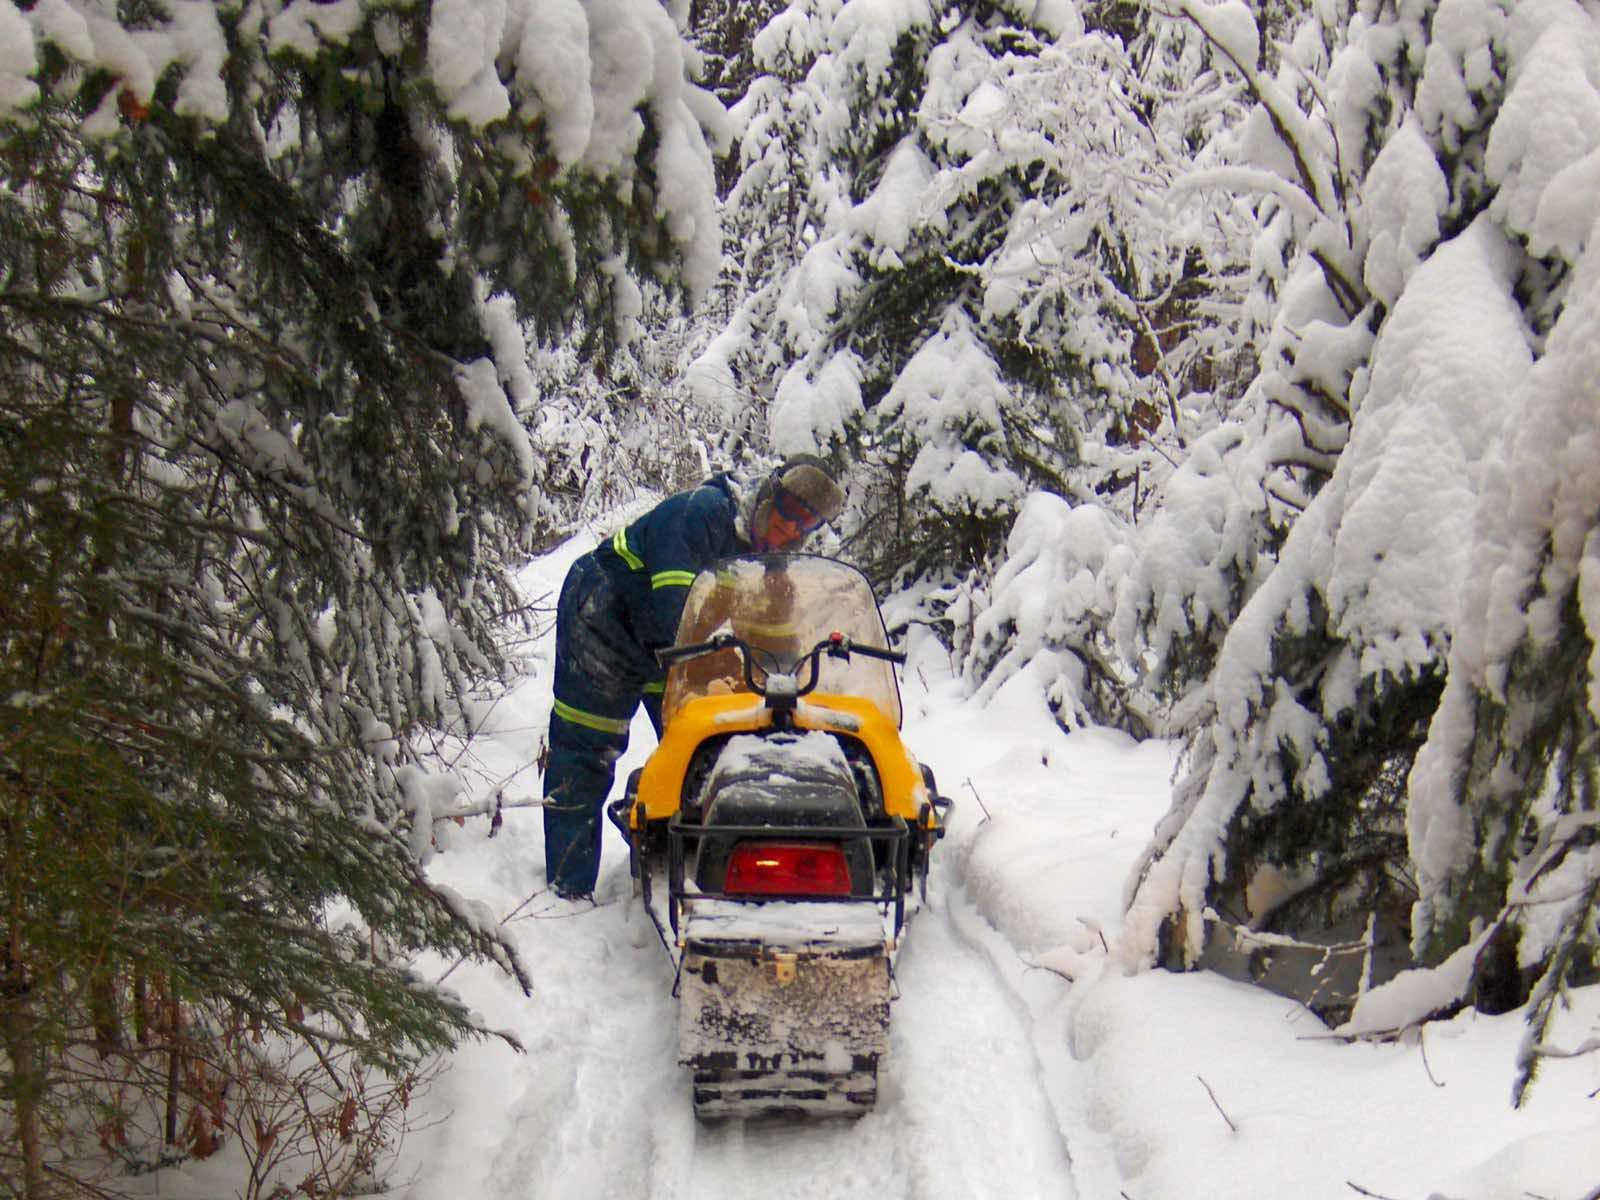 Technischer Halt für das Ski-doo.